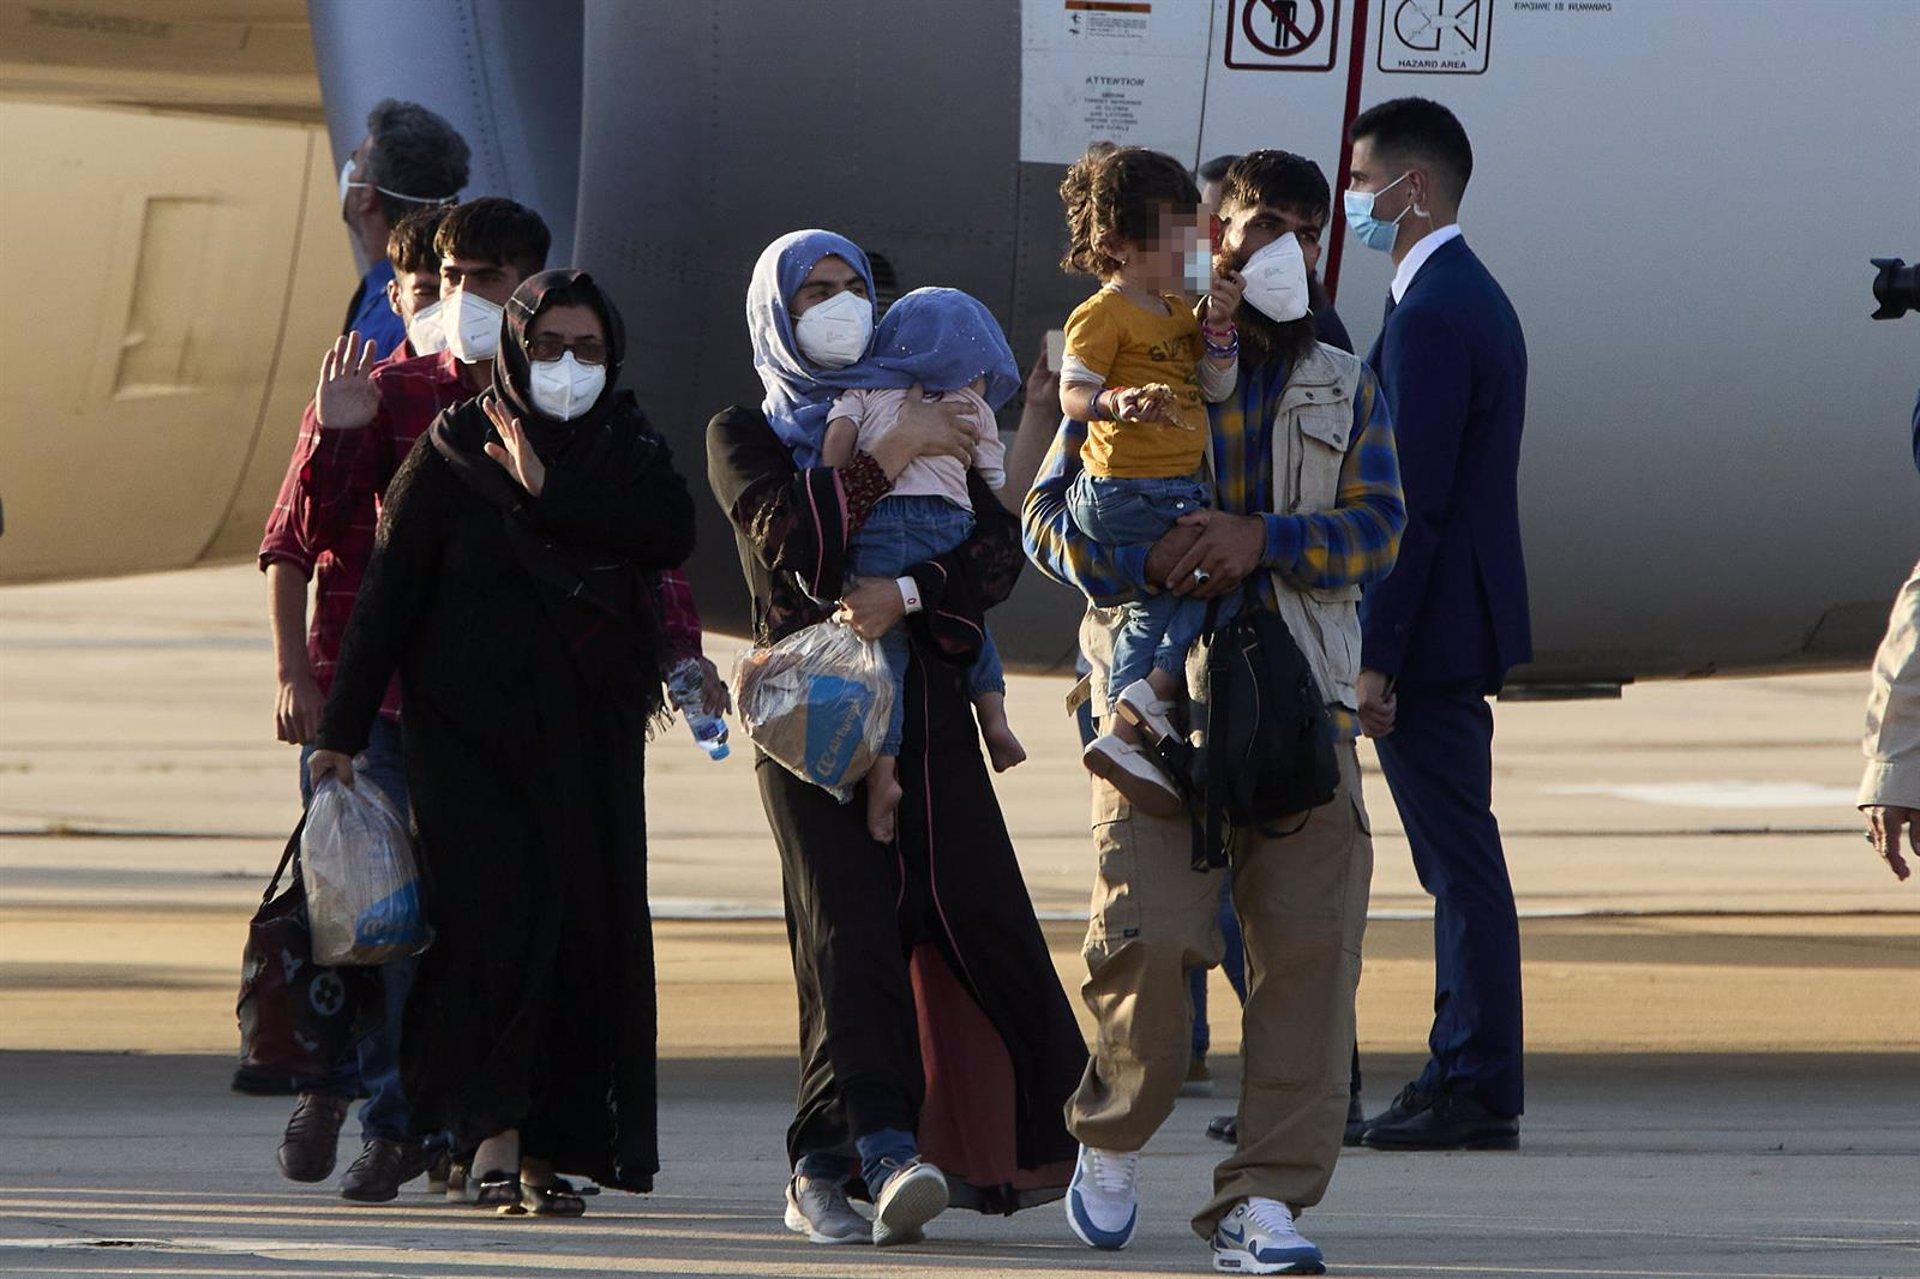 Acogen a los refugiados llegados de Afganistán en pisos tutelados y centros con otros inmigrantes